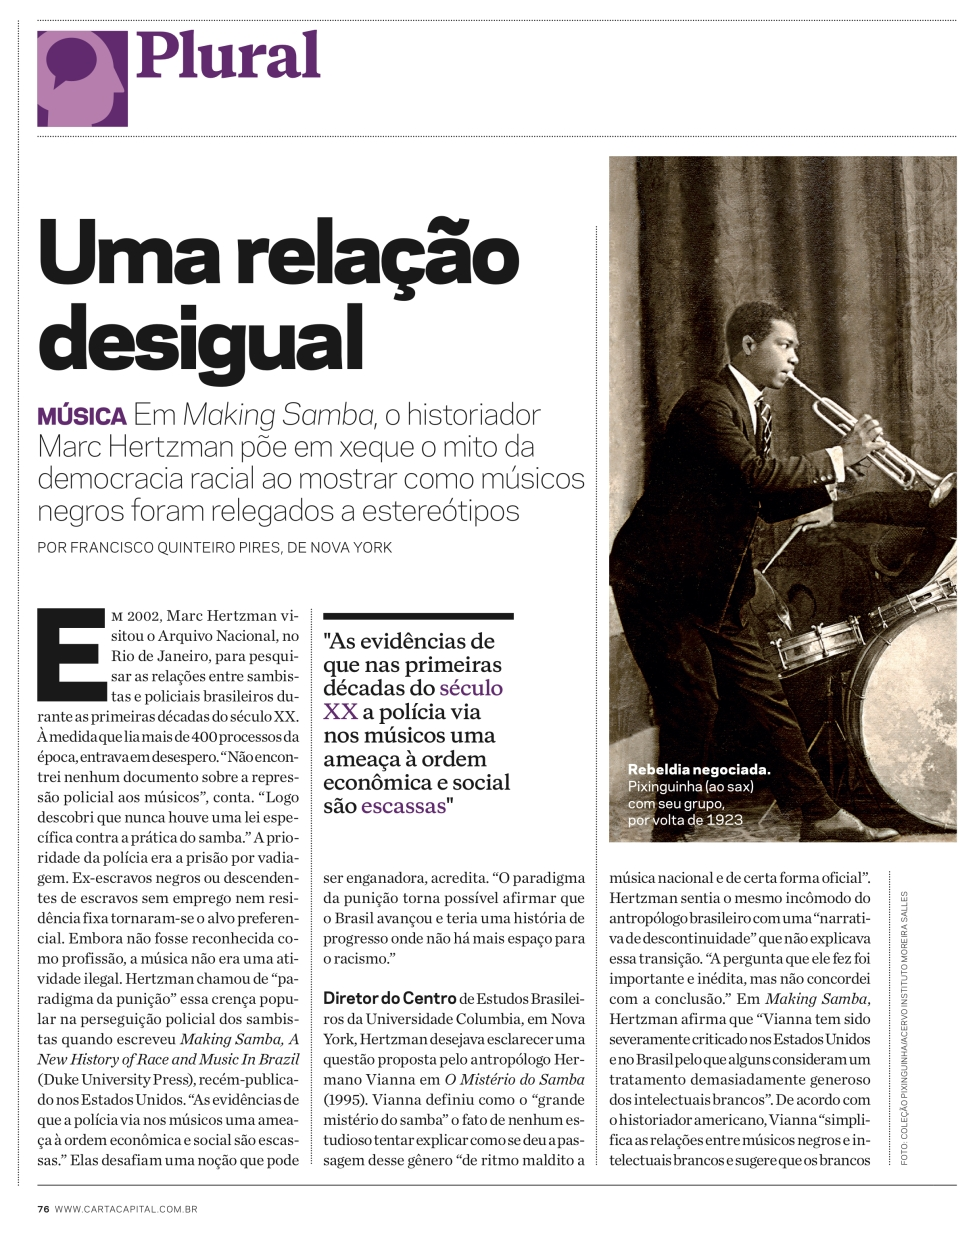 making_samba1